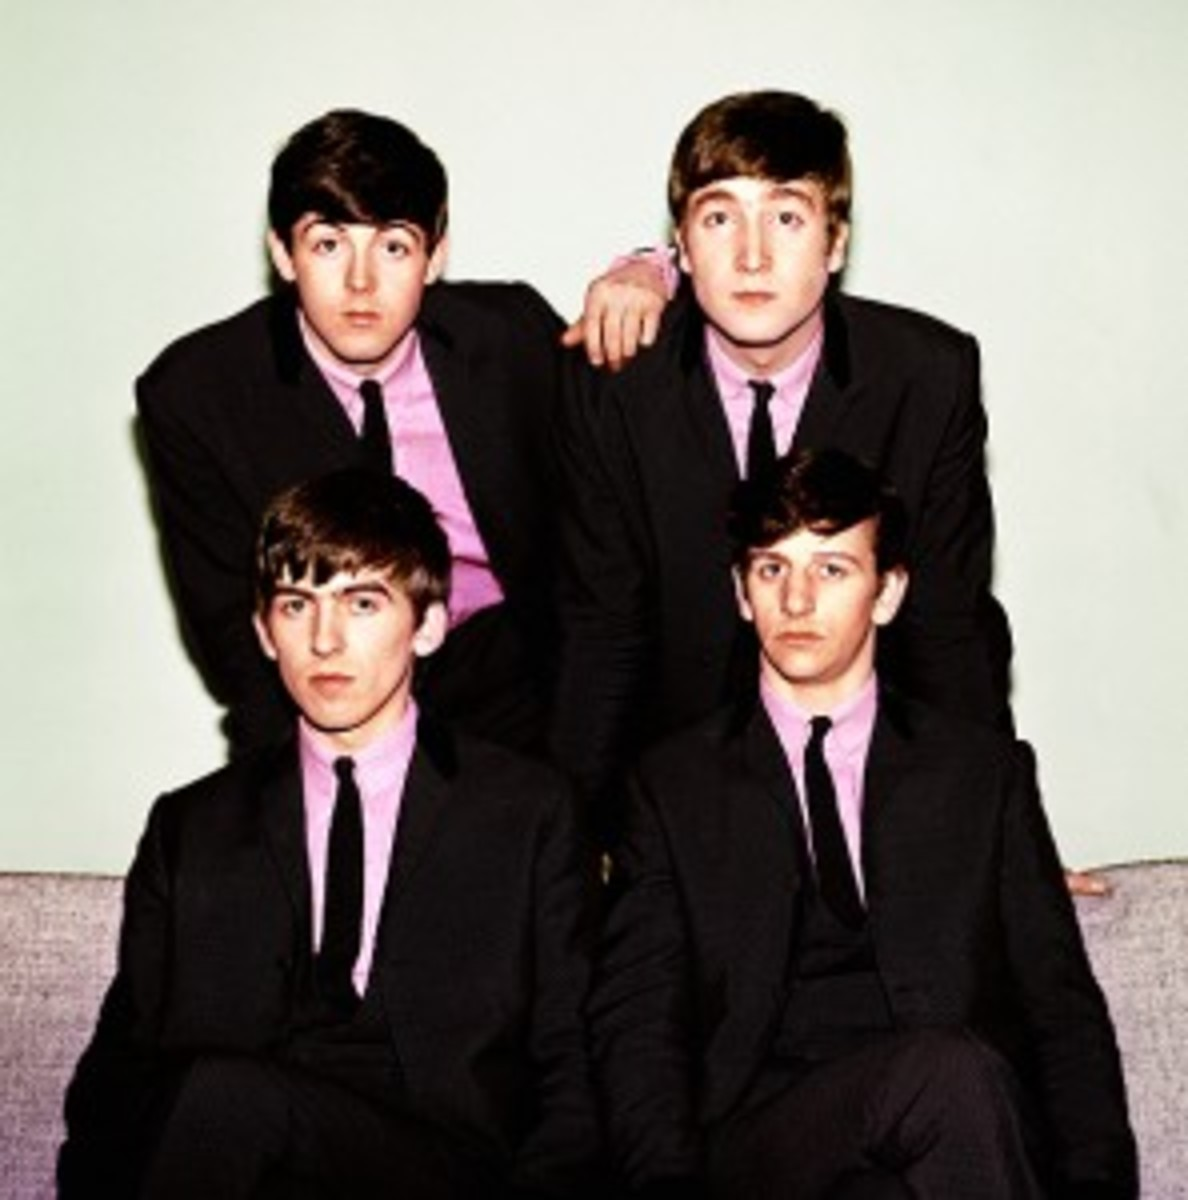 Beatles by Gary Blaine